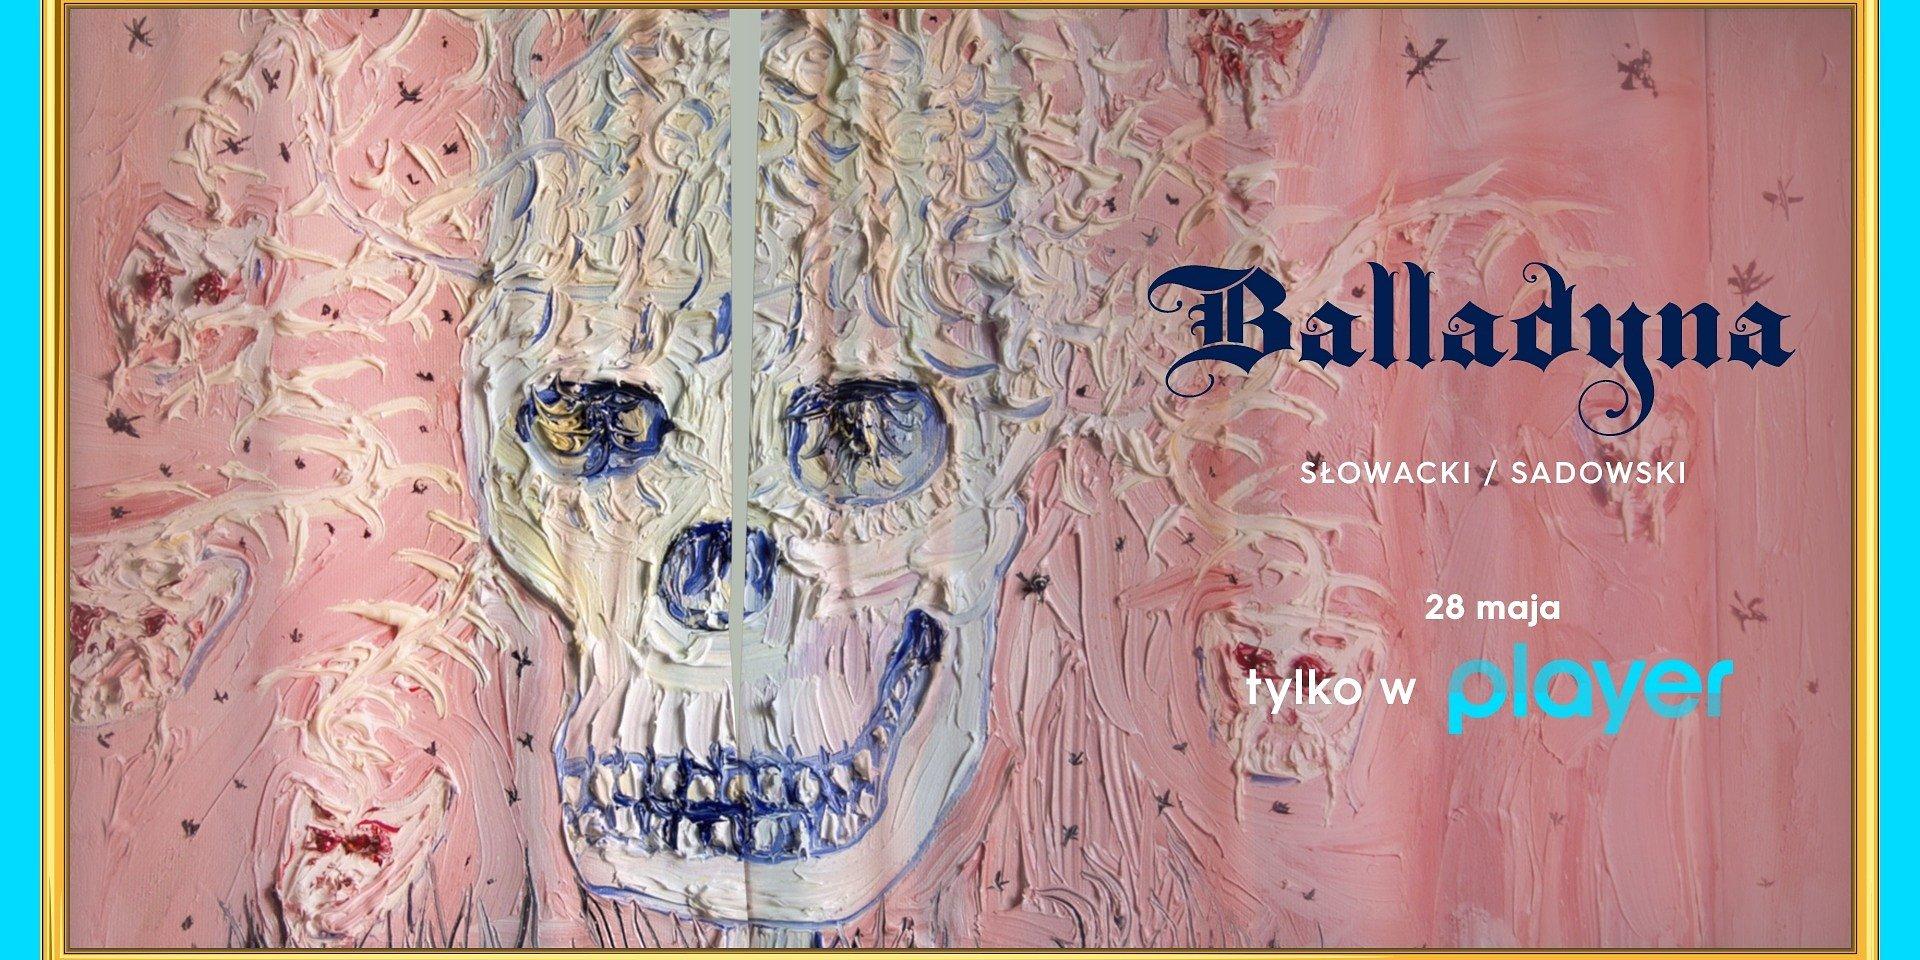 """Premiera """"Balladyny"""" oglądana live już 28 maja w Playerze!"""